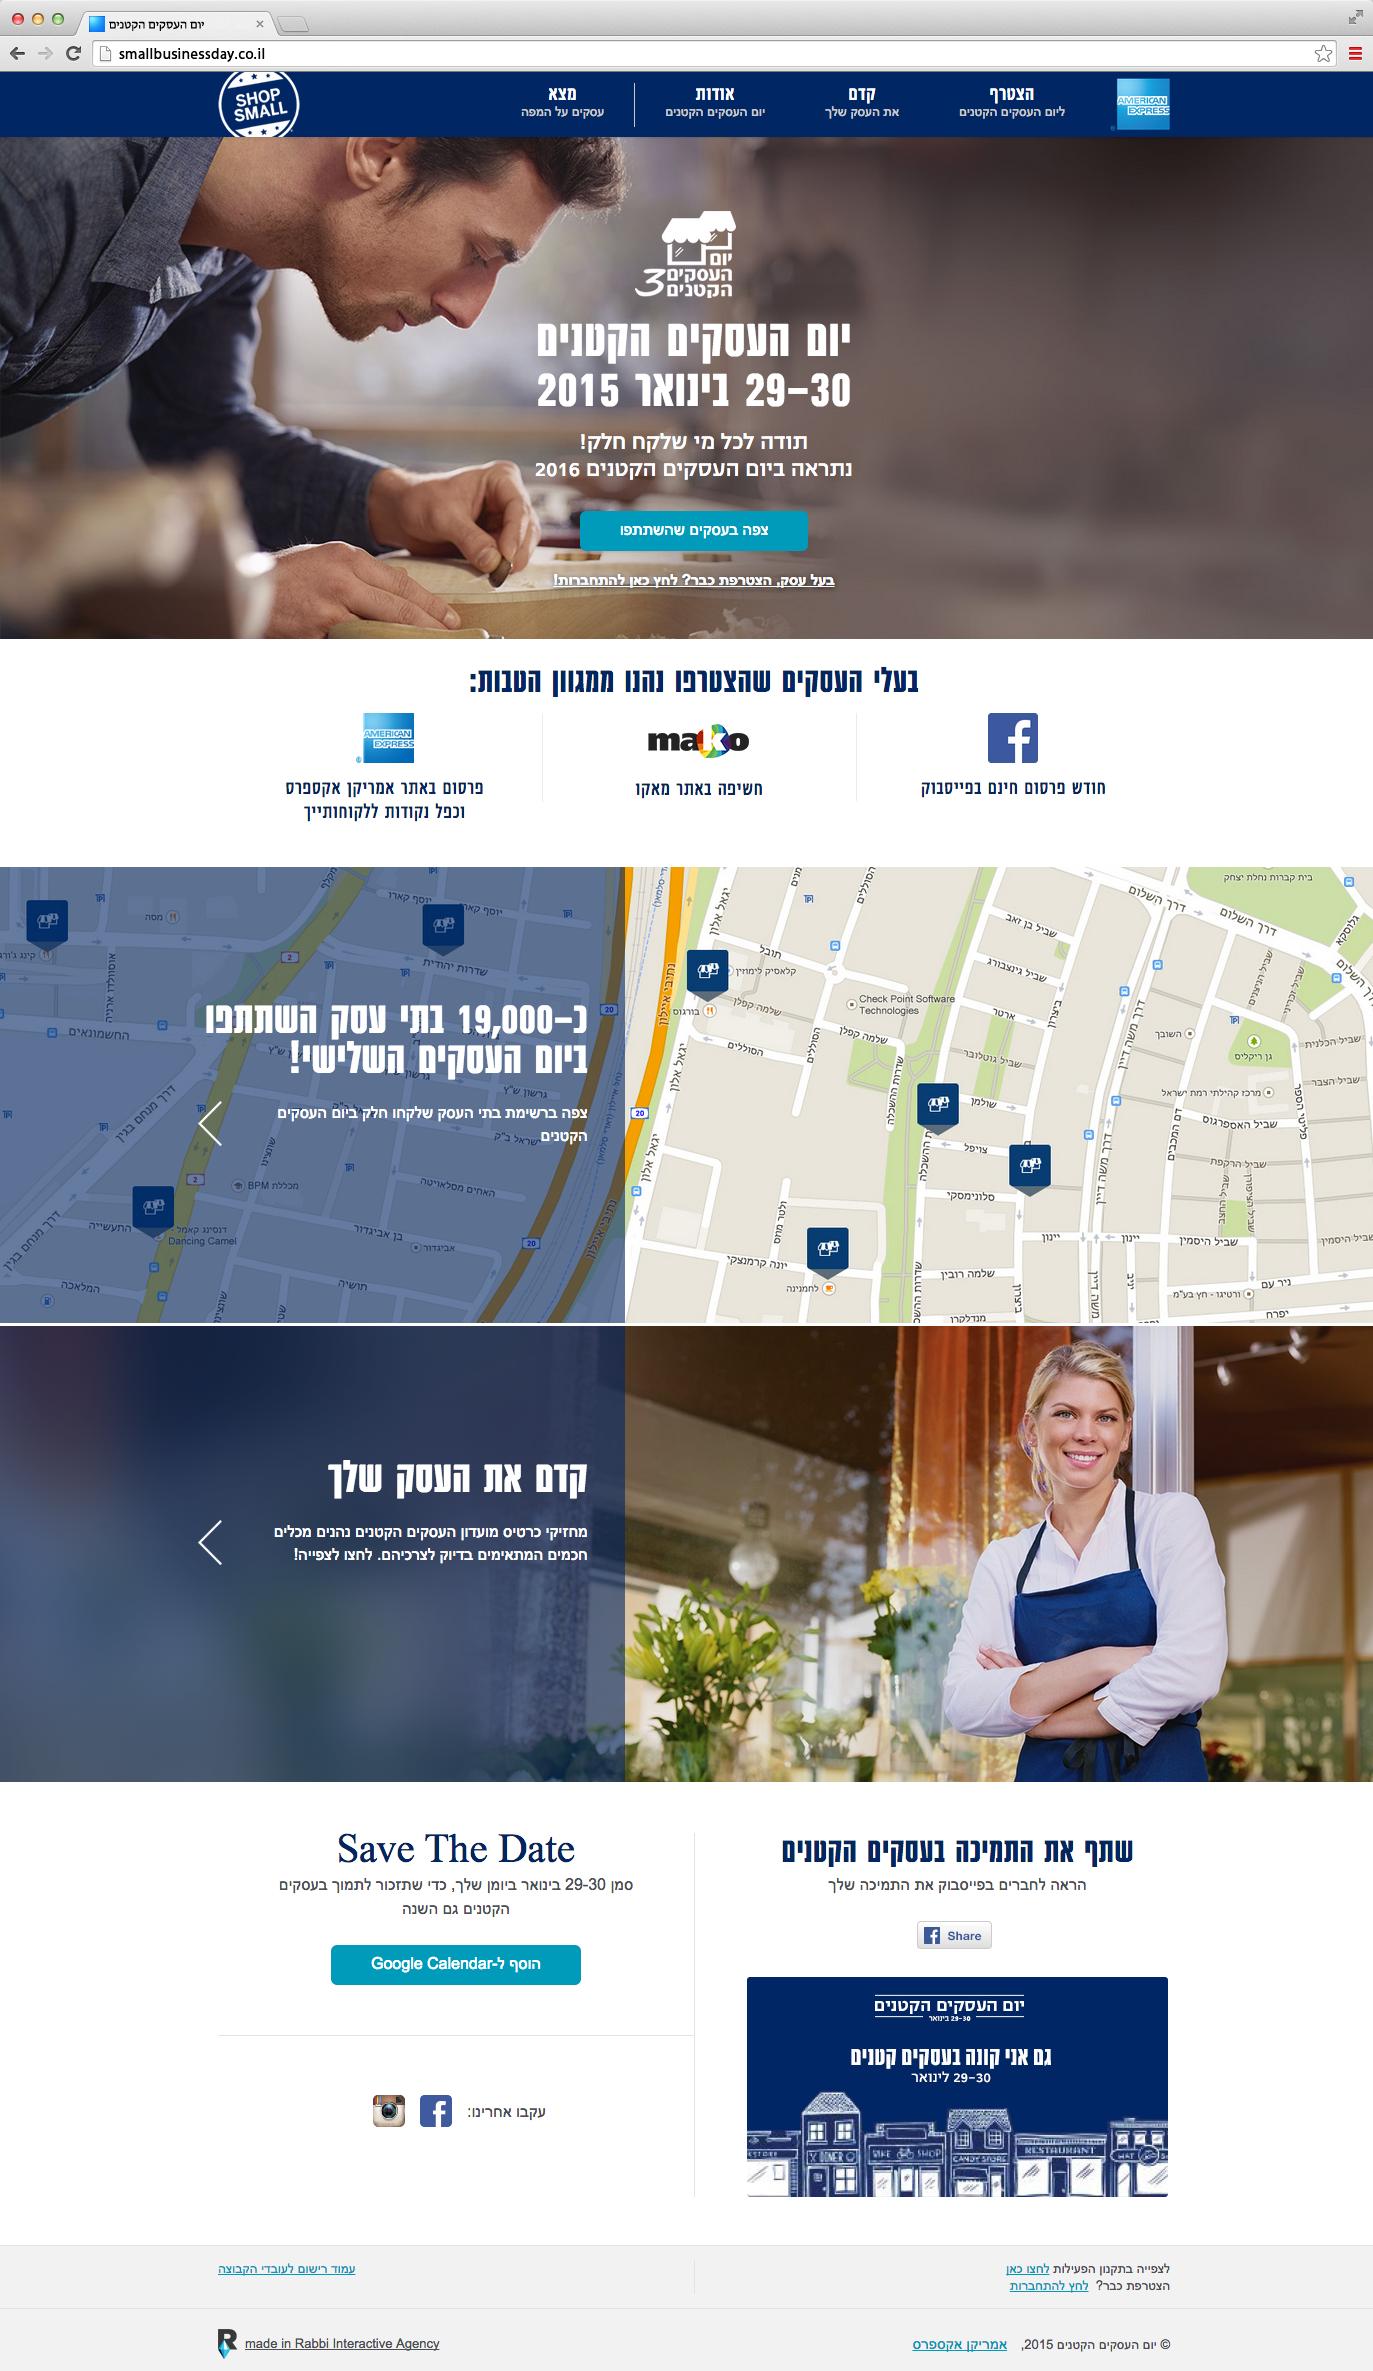 אתר הדסקטופ שעוצב ופותח בעבור הקמפיין